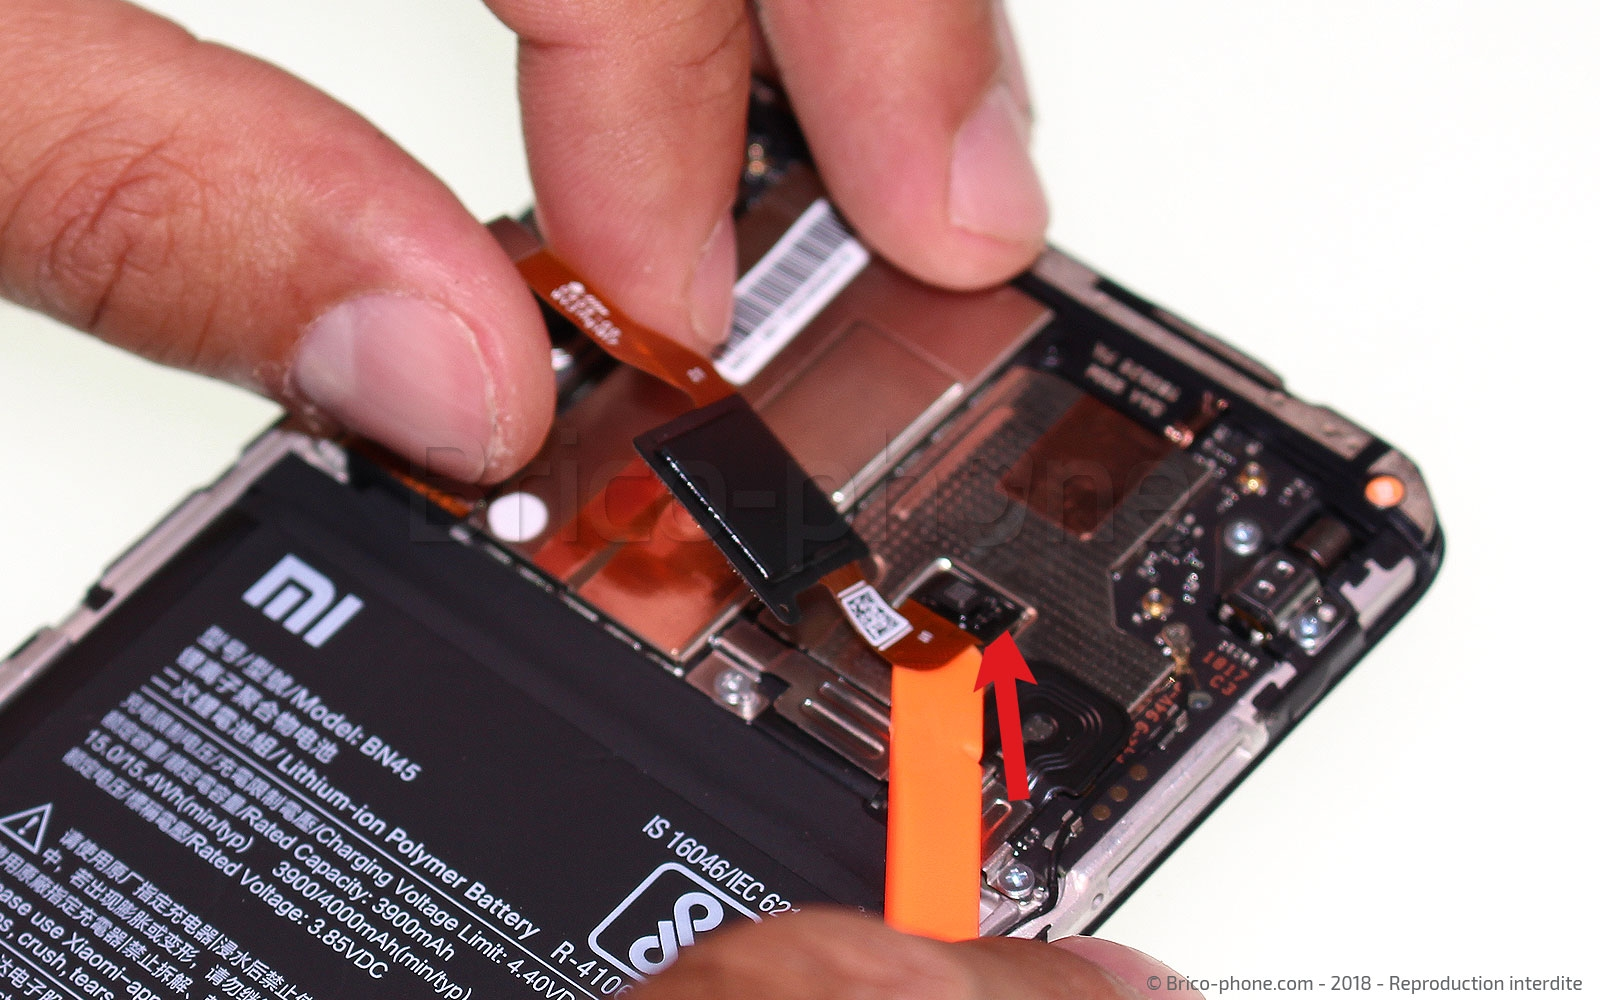 Etape 3 : Retirer la nappe du lecteur d'empreintes digitales